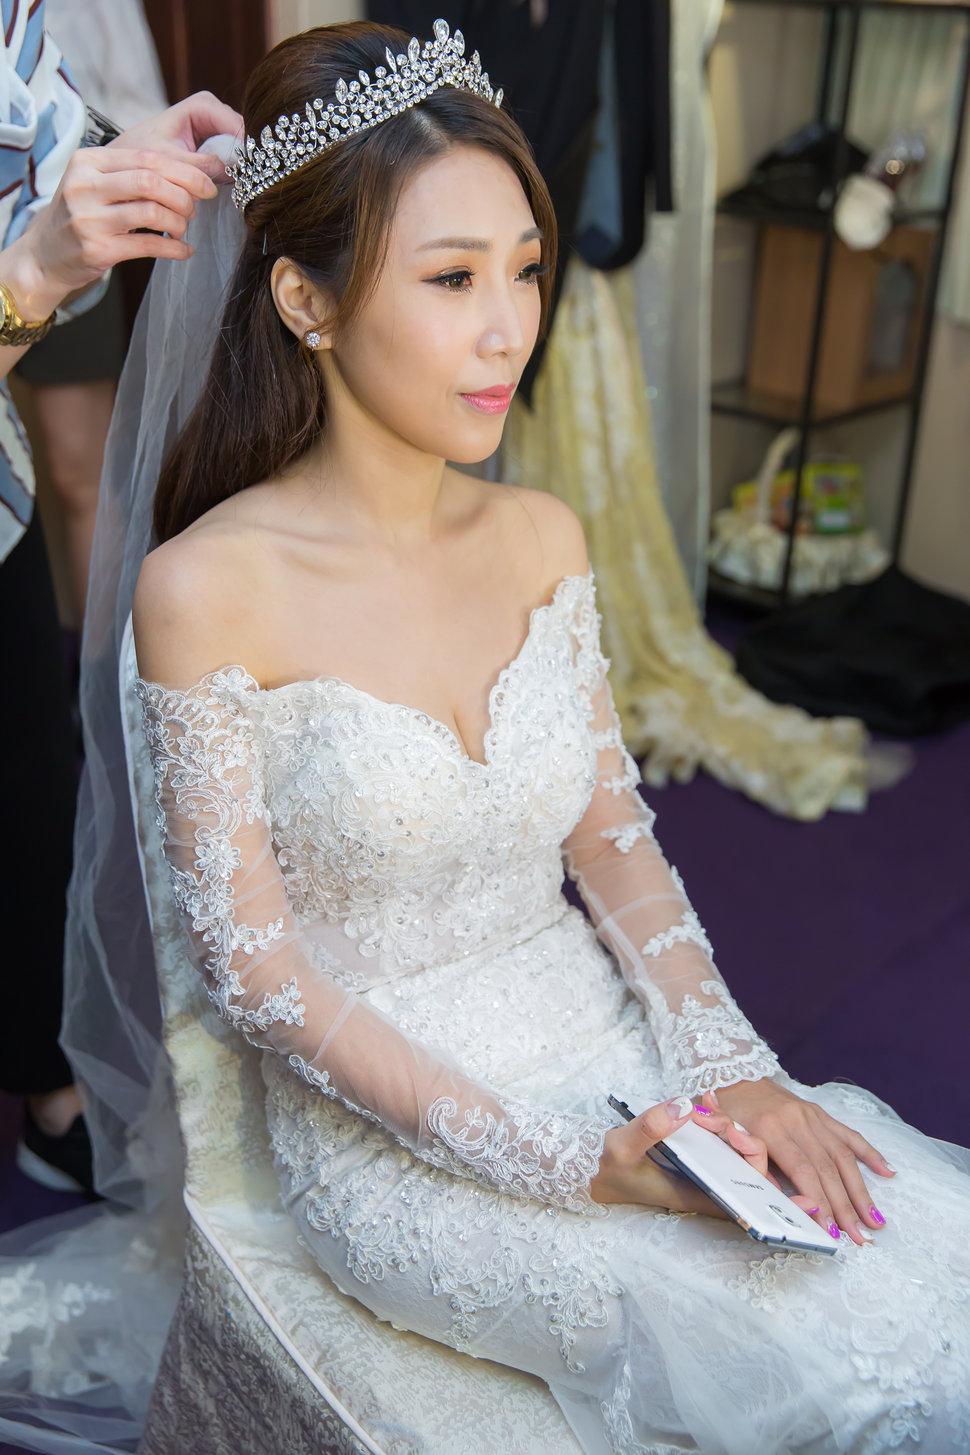 兆康&鈴芳_婚儀_新莊香草花緣餐廳(編號:287430) - Baby Sweety 婚禮記錄 - 結婚吧